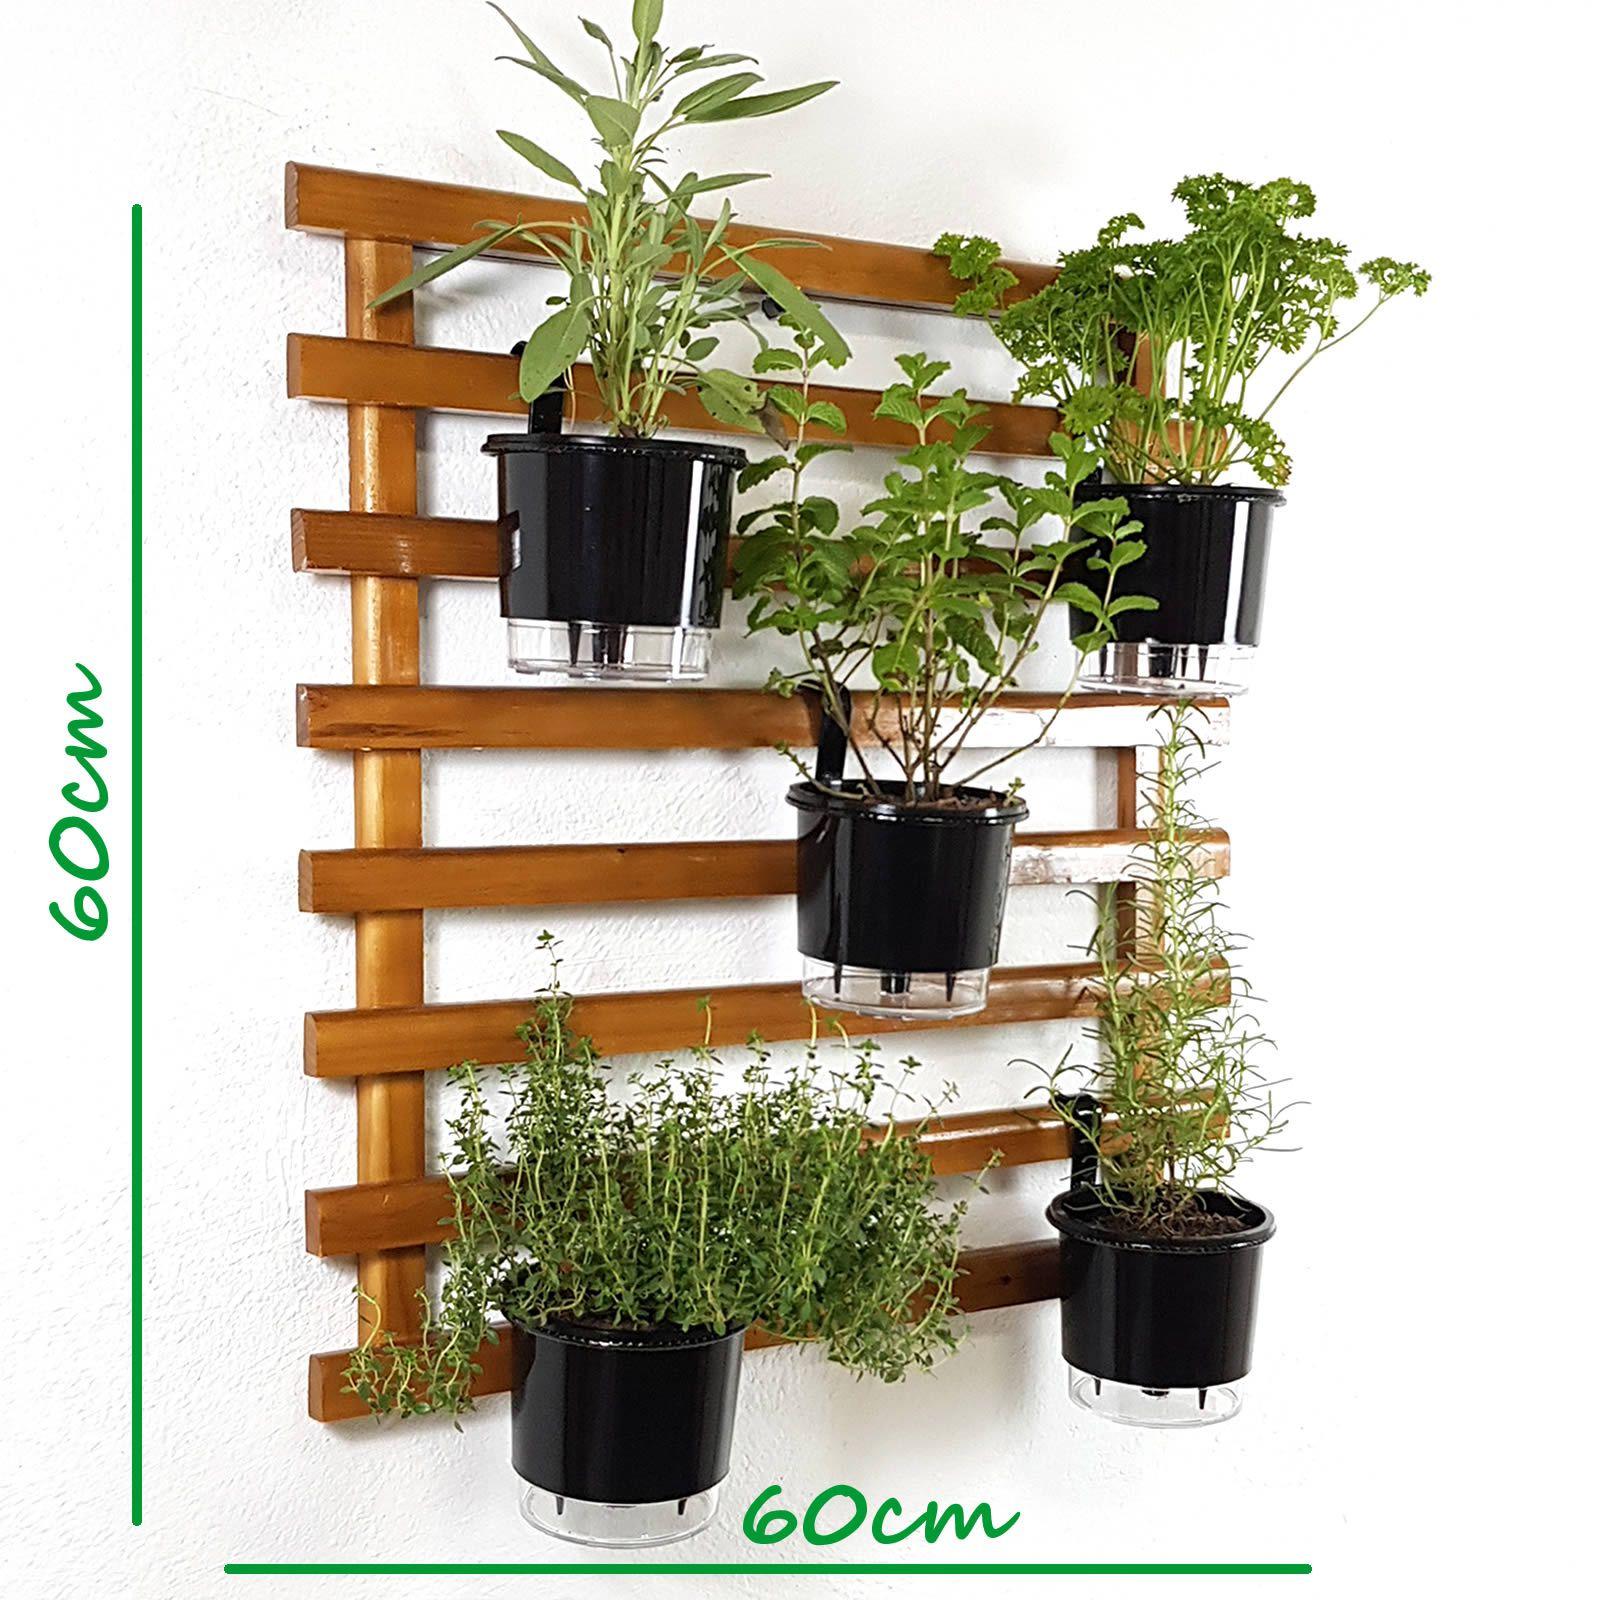 Horta Vertical Mini Imbuía 60x60cm com 5 suportes e 5 Vasos Auto Irrigáveis Preto